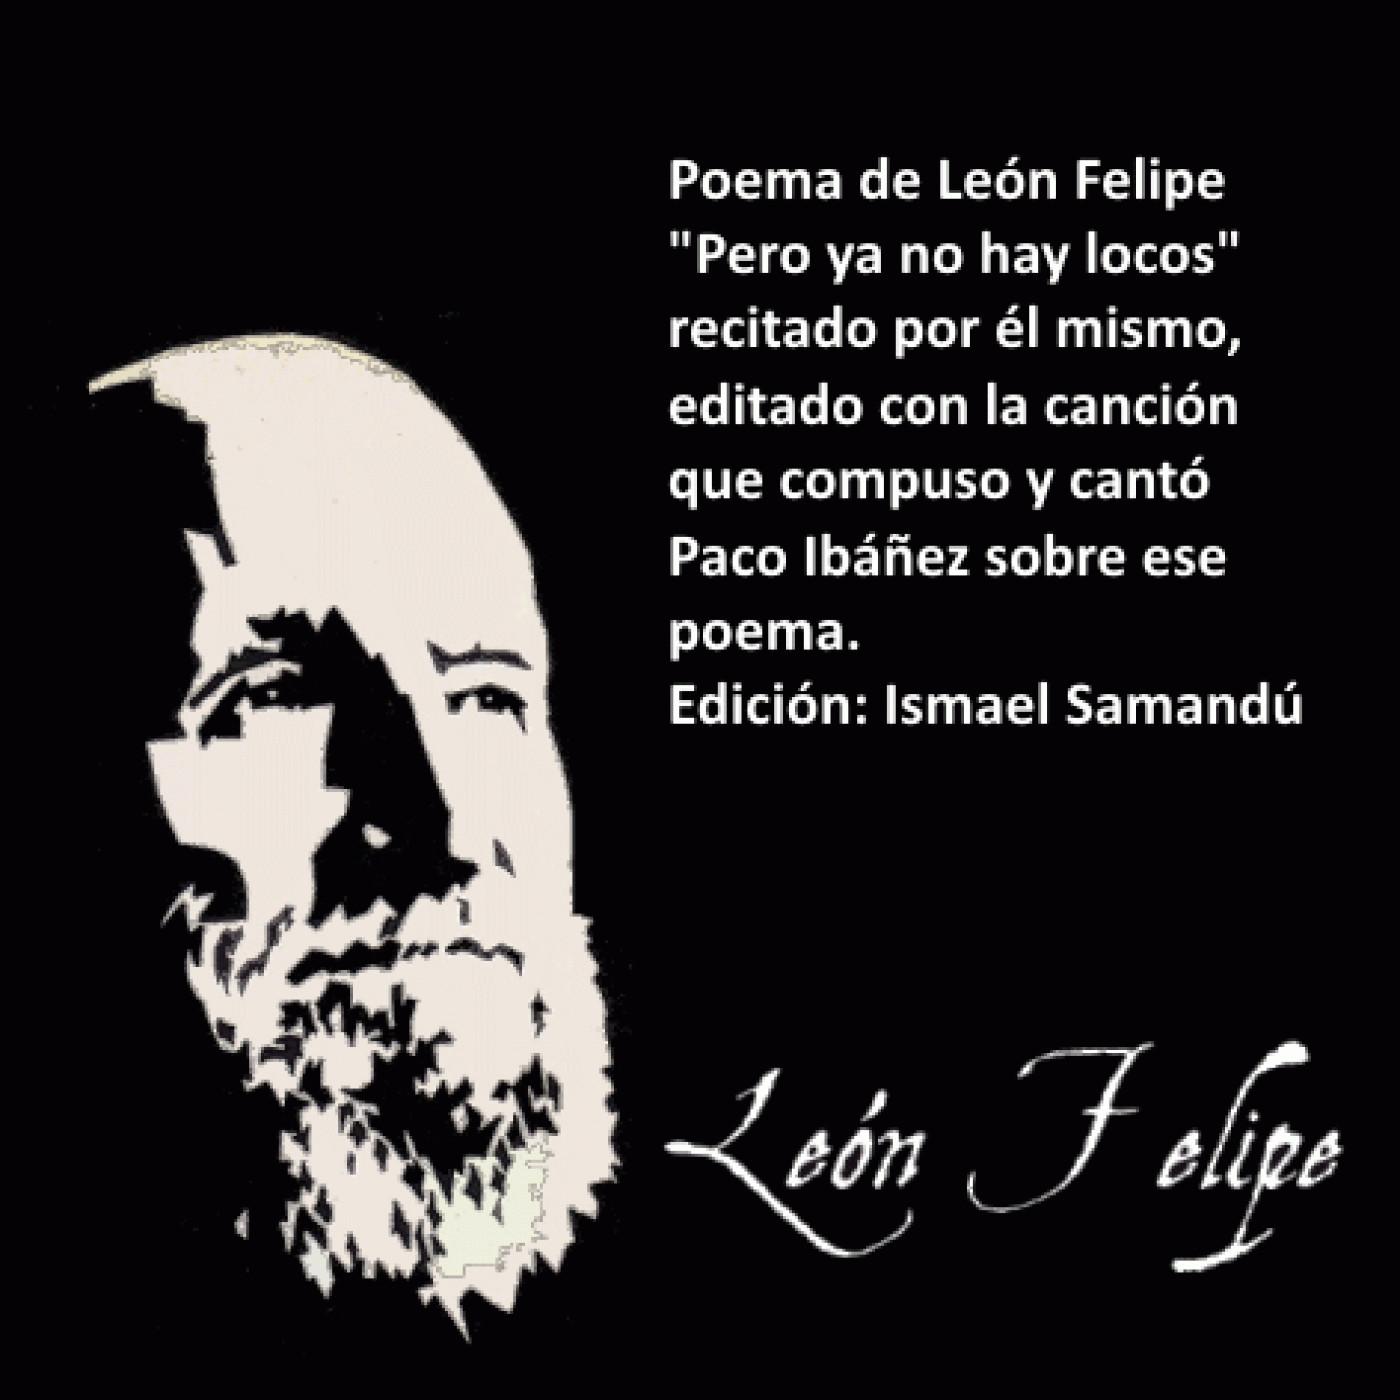 León Felipe Pero Ya No Hay Locos En Podcast De Ismael